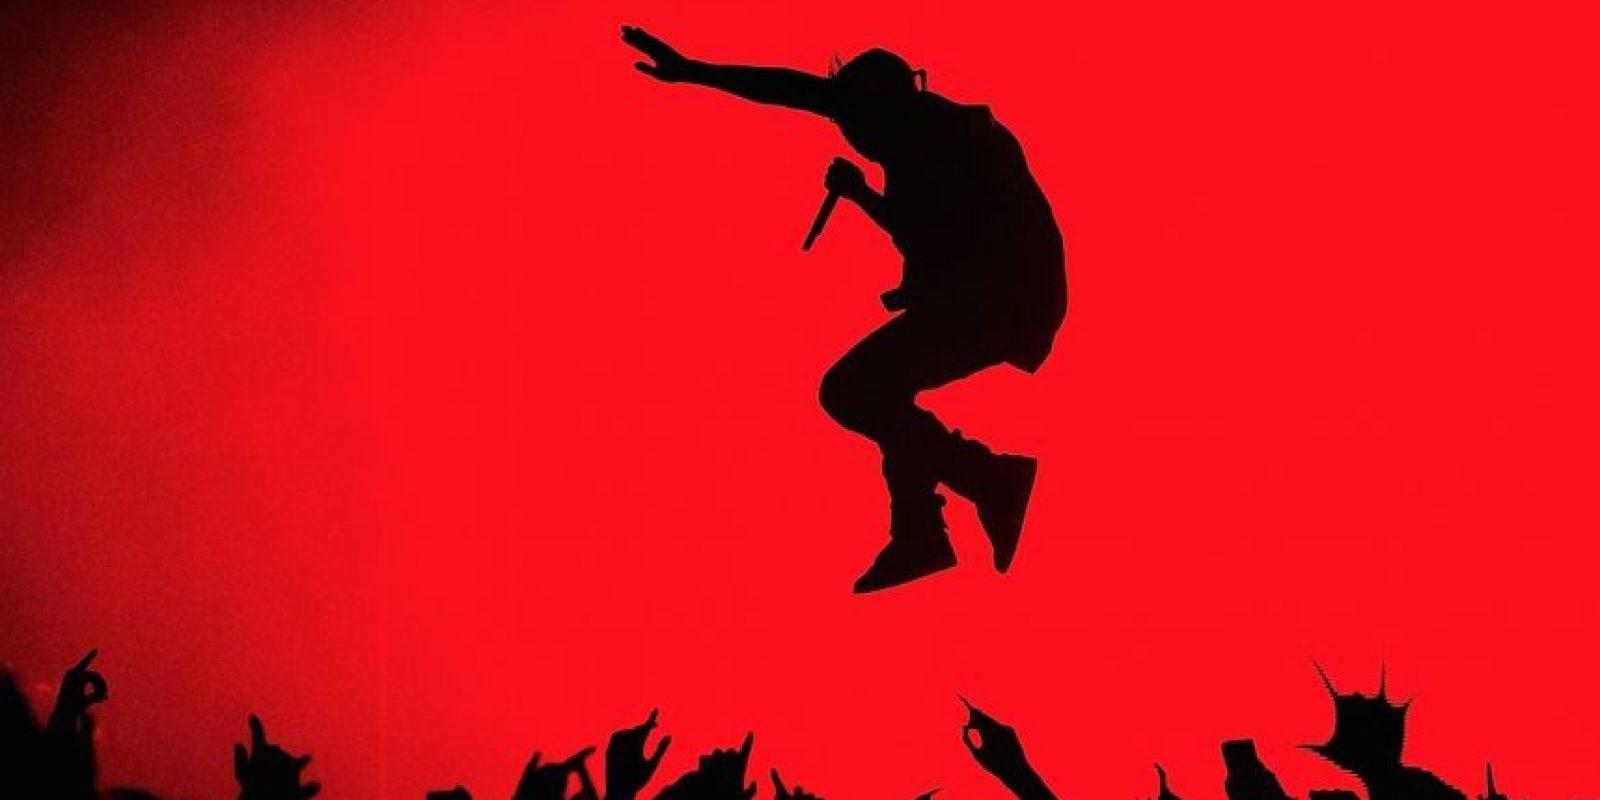 """Para formar parte de la nueva religión de Kanye West, solo necesitan enviar un selfie sosteniendo un cartel que diga: """"Yo creo en Yeezus"""" al correo a i.believe@yeezianity.com Foto:Getty Images"""